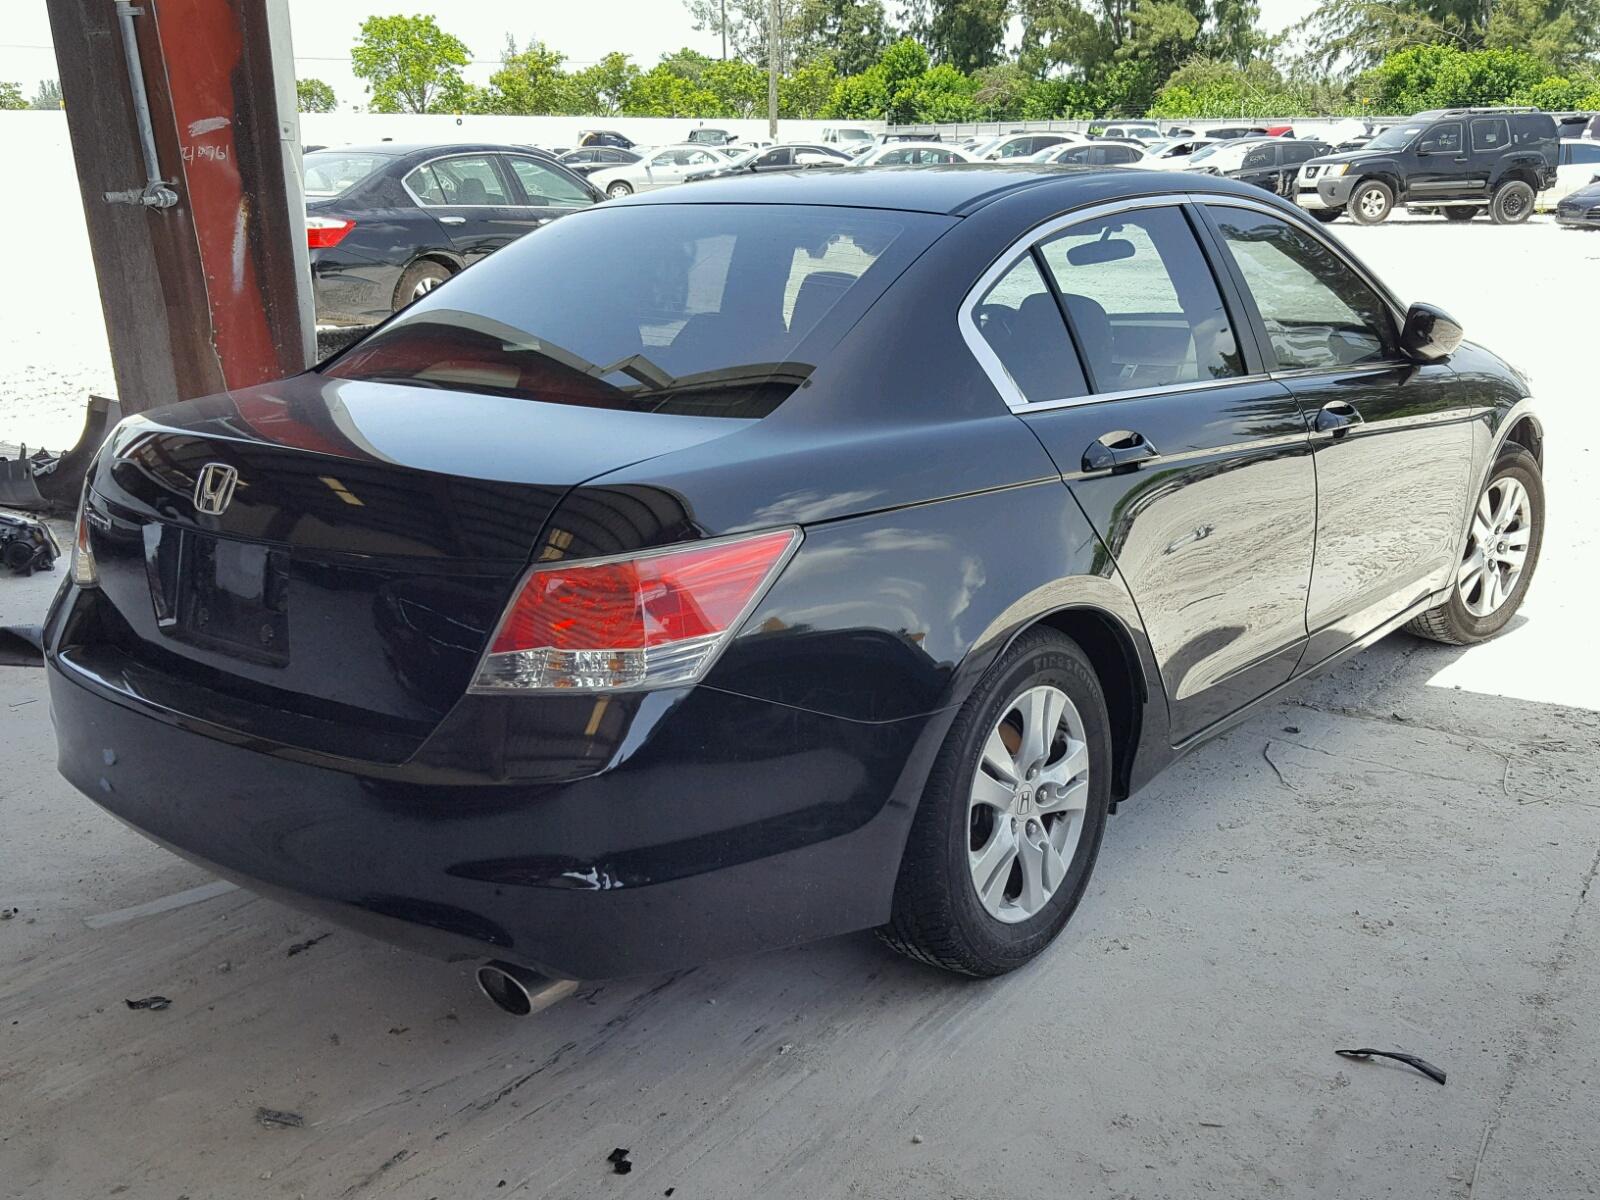 1hgcp2f46aa075653 2010 Black Honda Accord Lxp On Sale In Fl